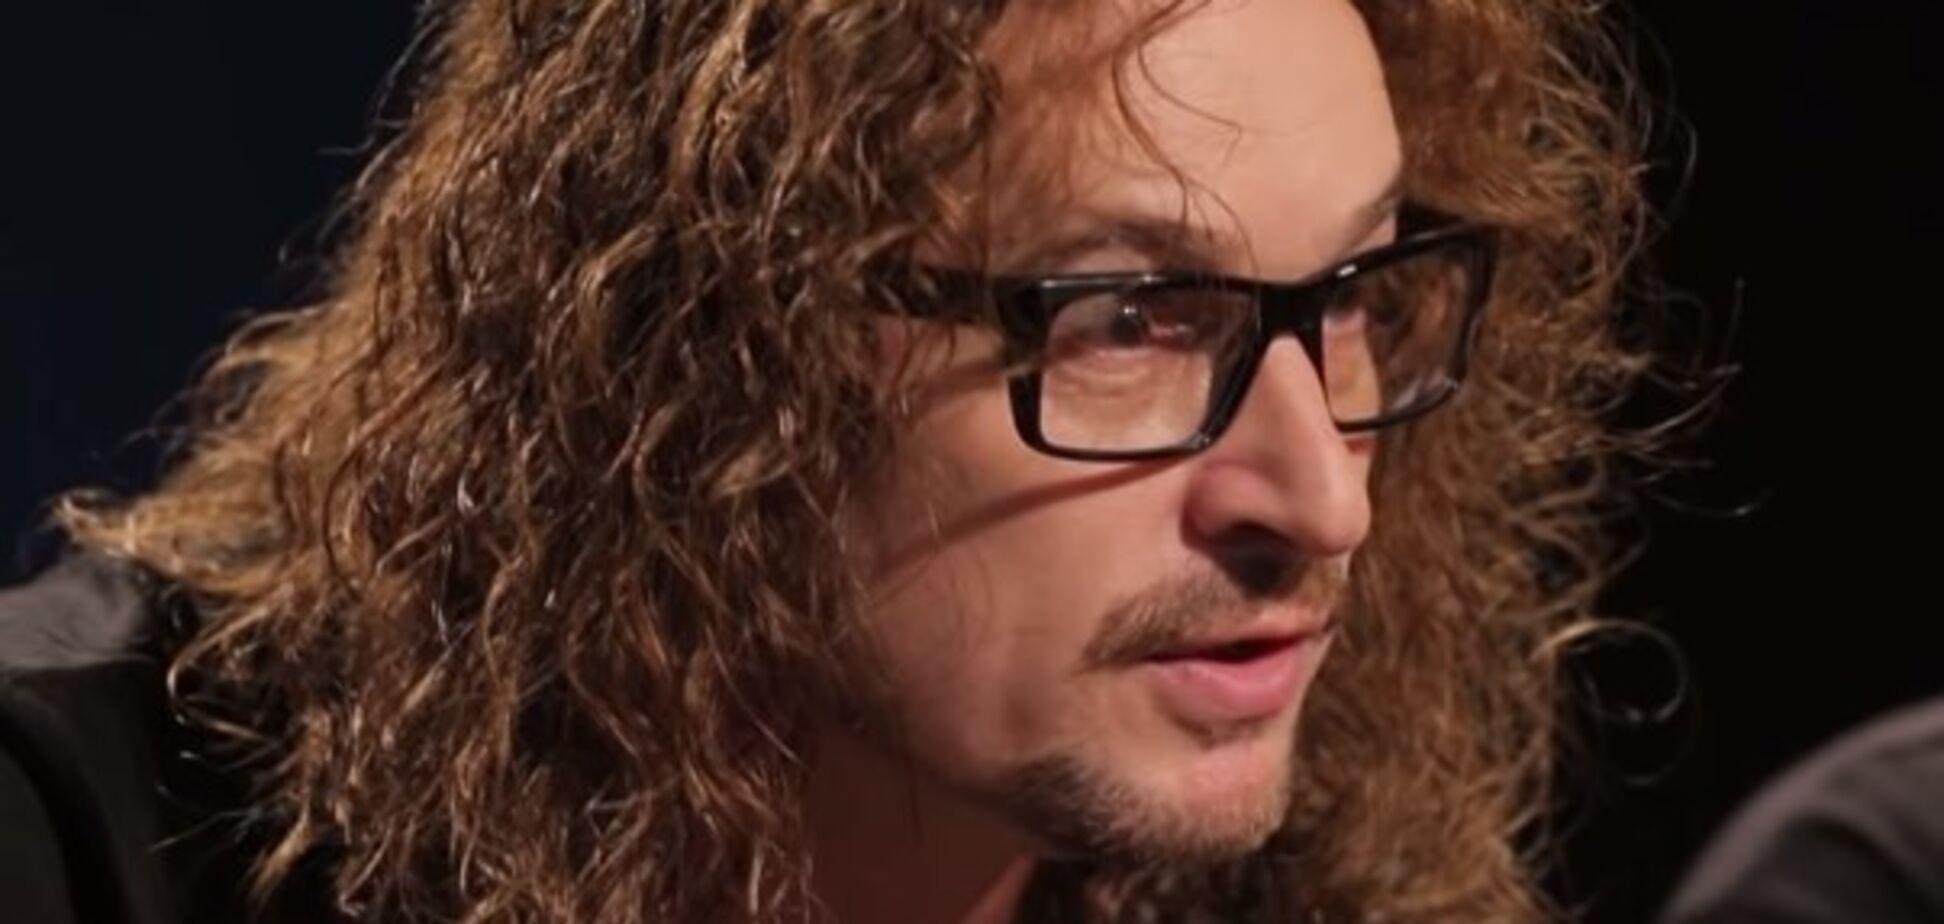 ''Приведу АТОшників у Раду'': український музикант різко висловився про зміни в країні